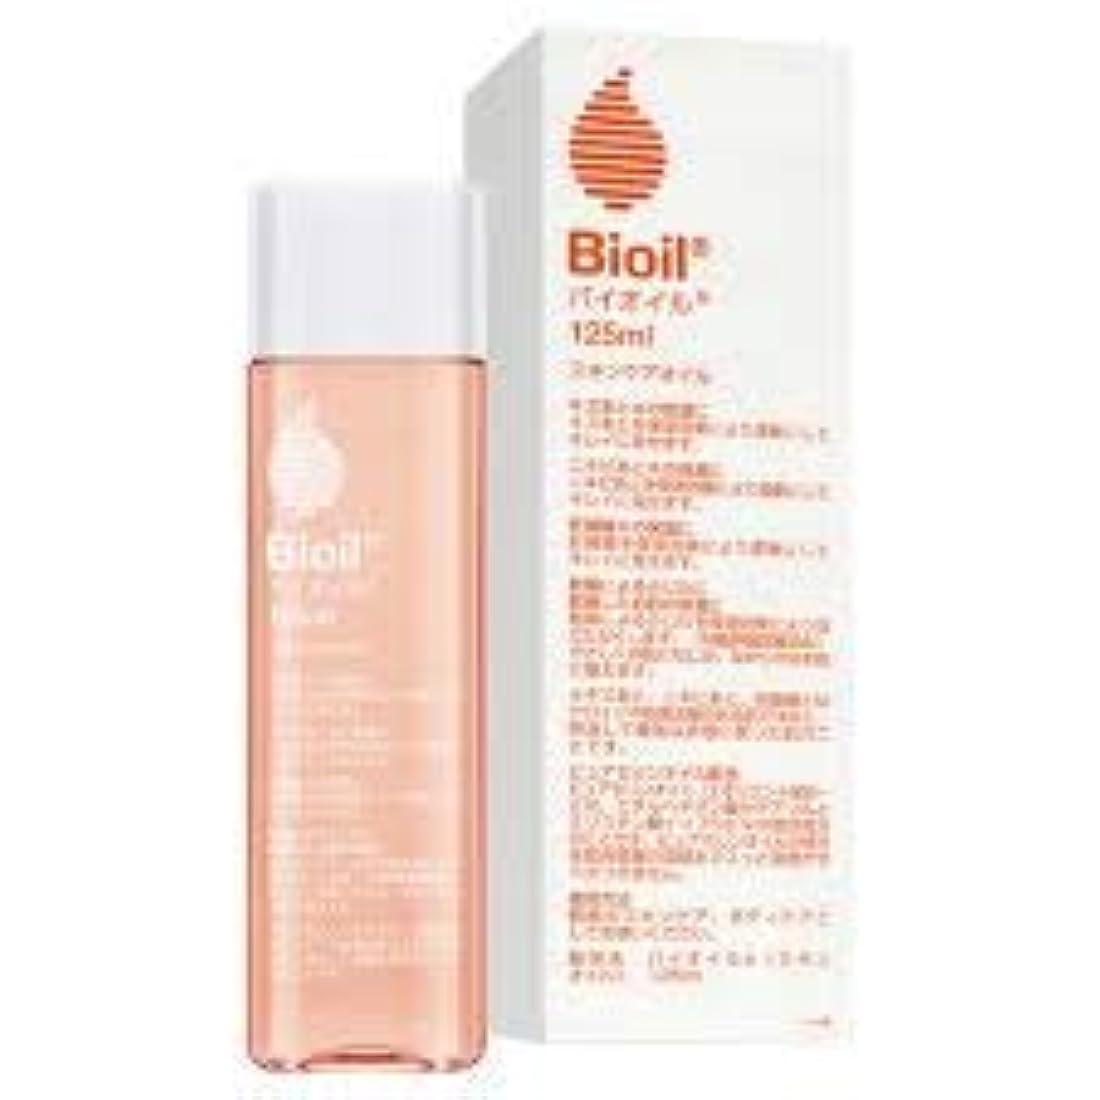 代表団鮫戦うバイオイル Bioil 125ml (小林製薬)